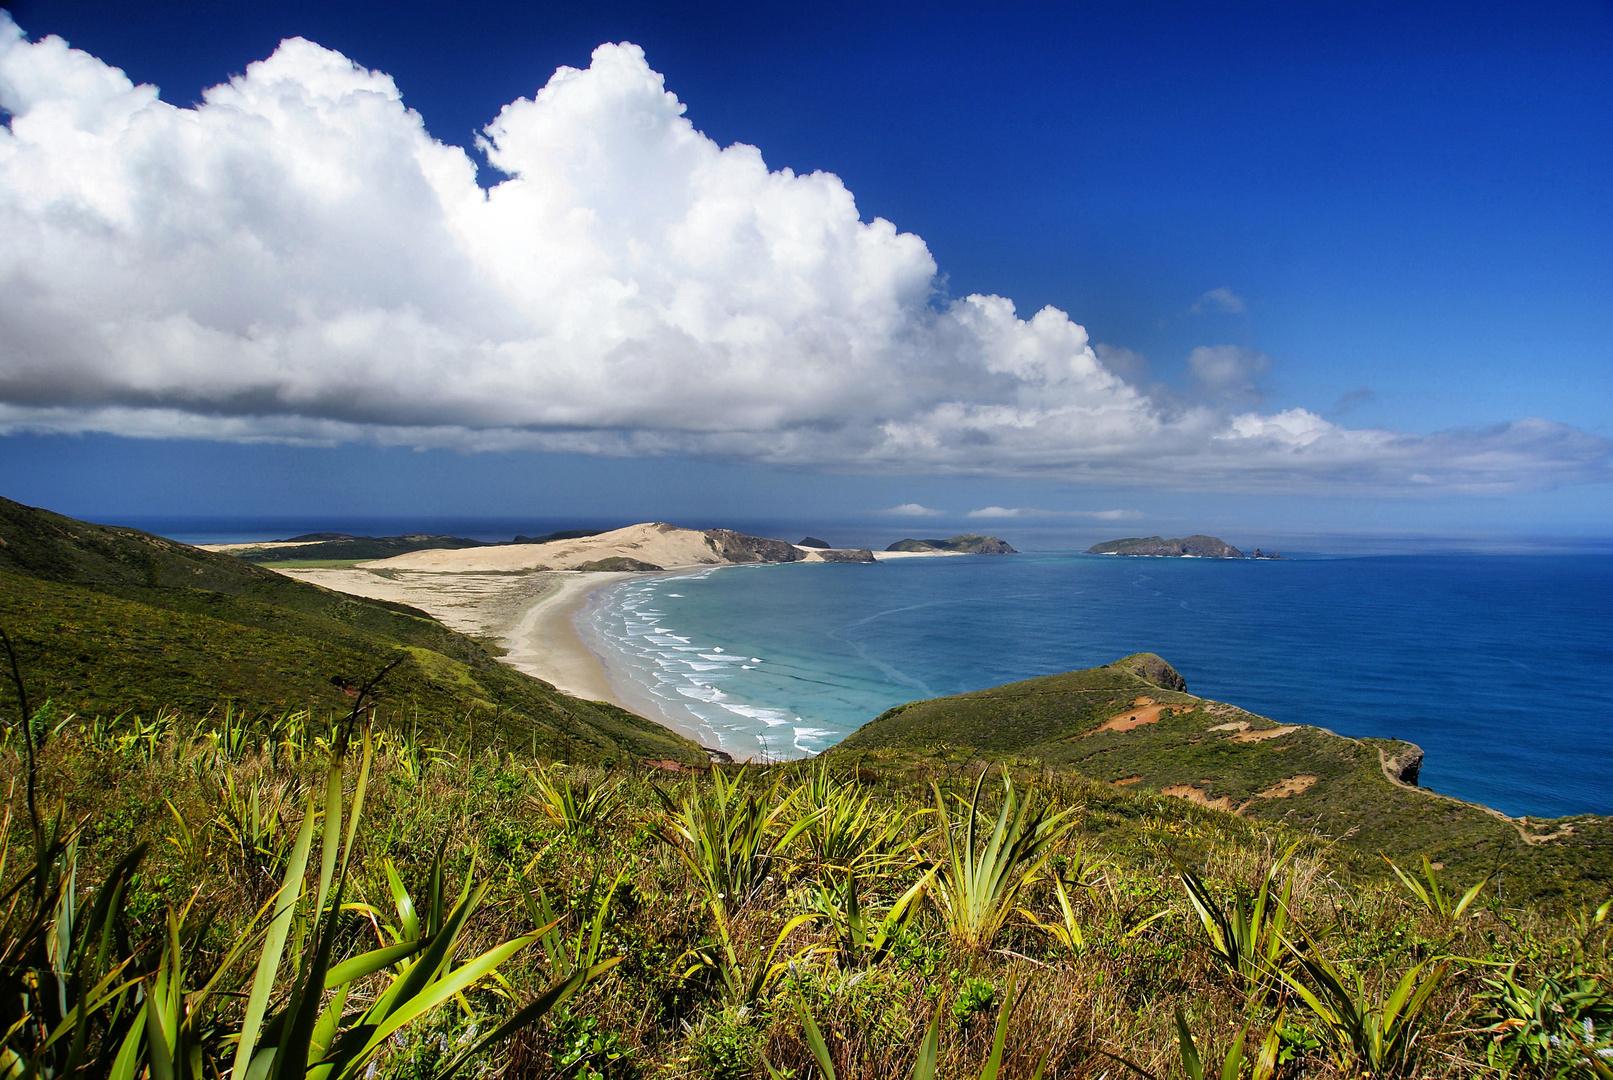 NZ Blick vom Cape Reinga zur Tasman-See